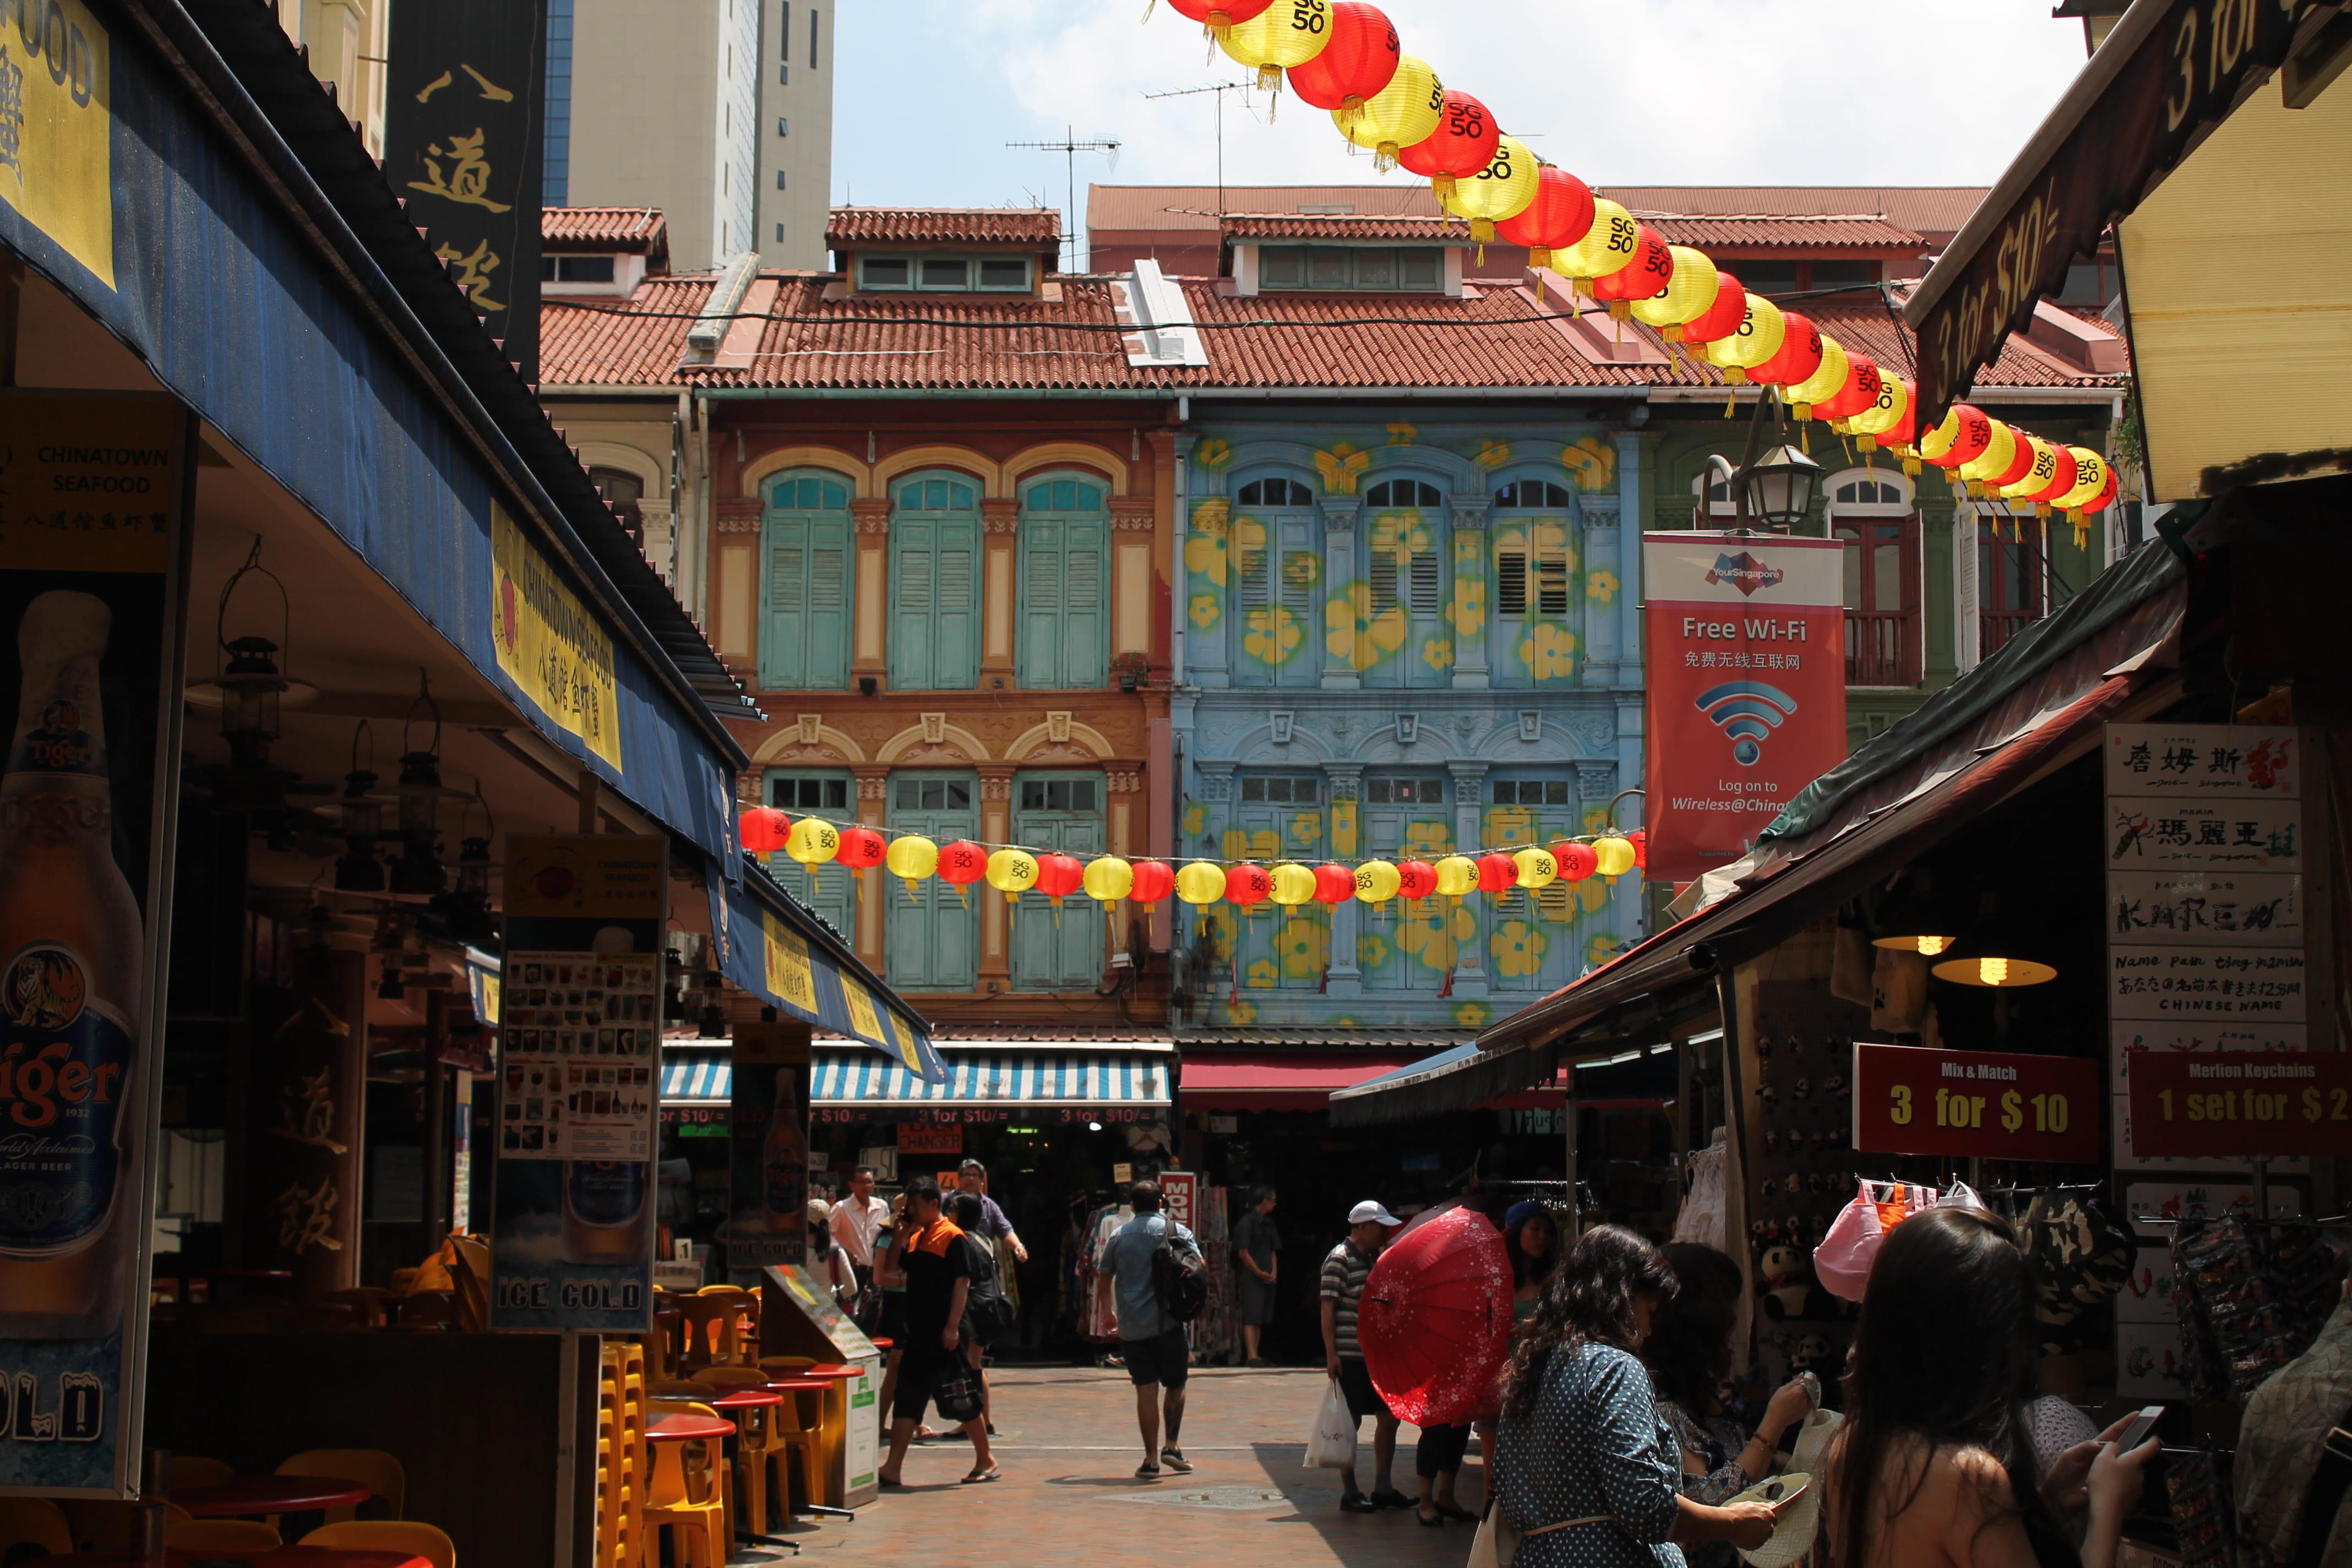 Street scene in Singapore's Chinatown